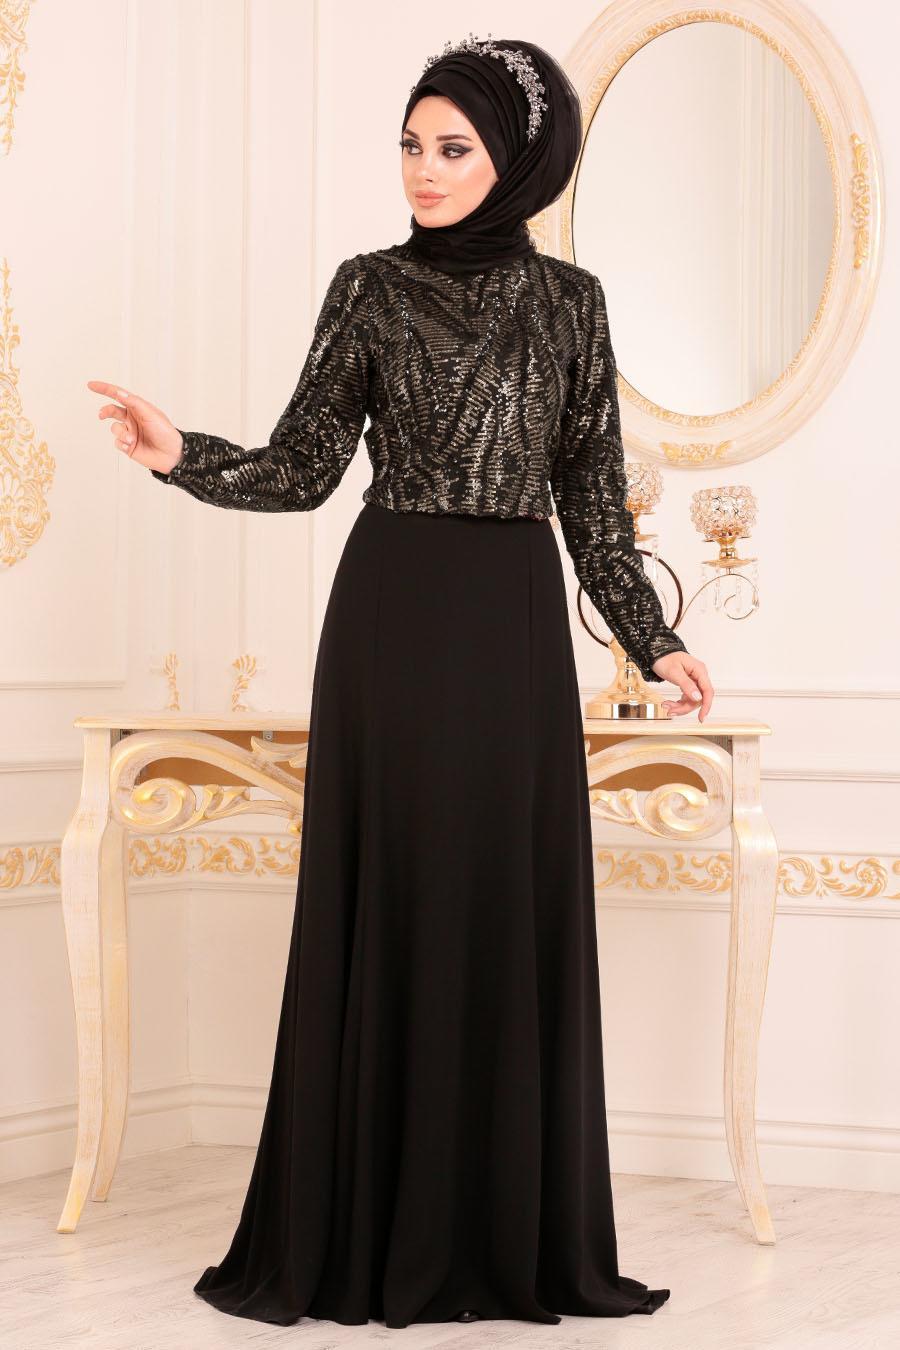 Tesettürlü Abiye Elbise - Gold Etek / Bluz Tesettür Abiye Takım 37220GOLD